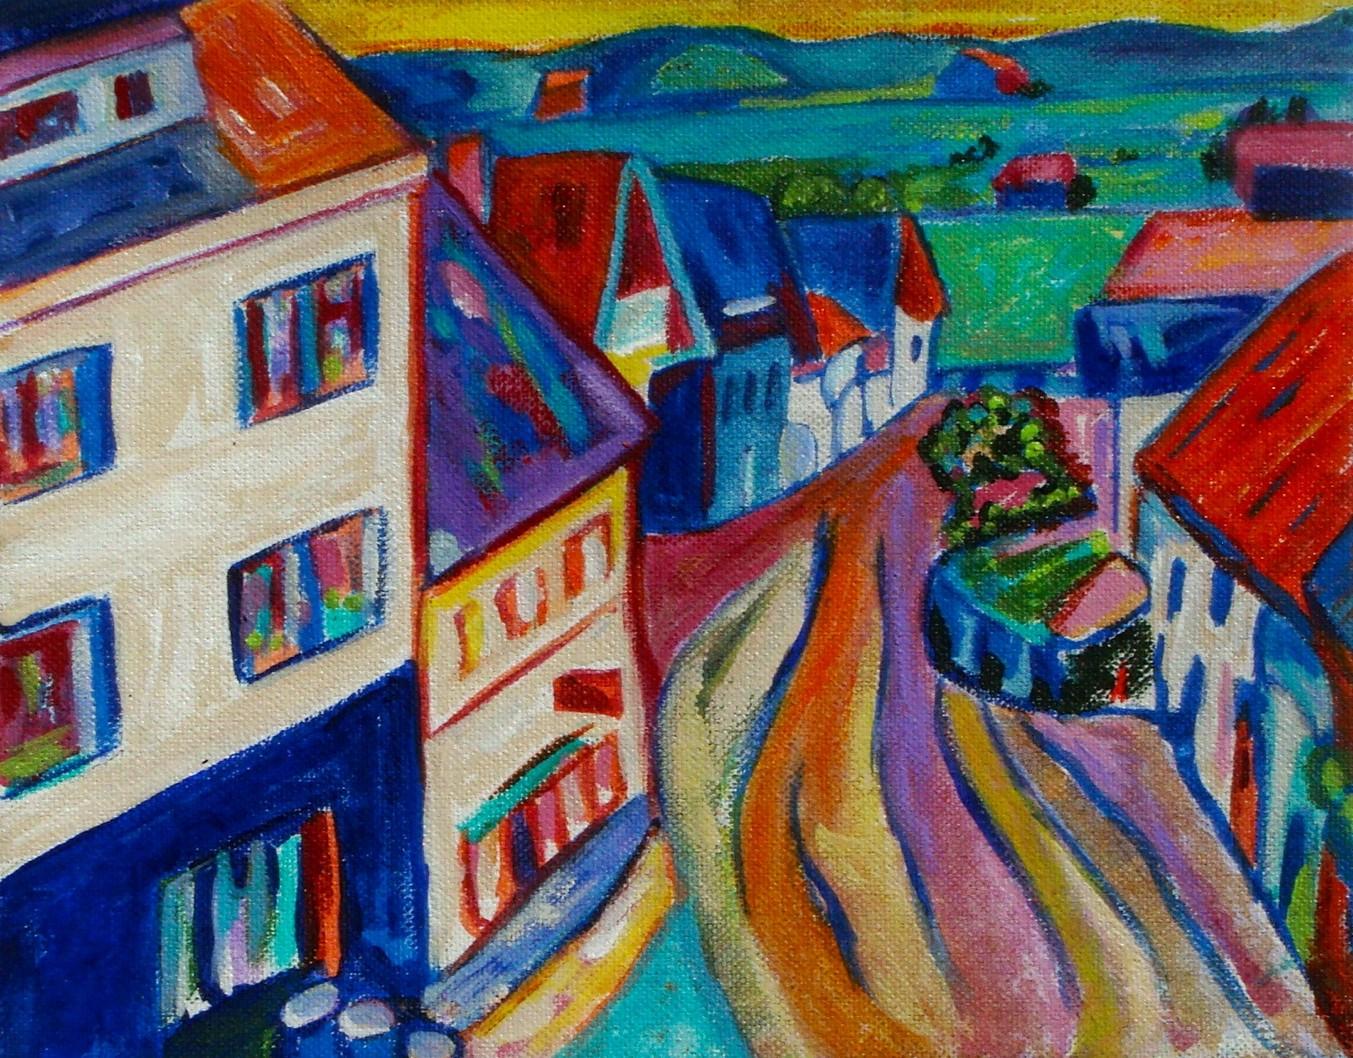 Bavaria, acrylic on canvas, 10 x 8